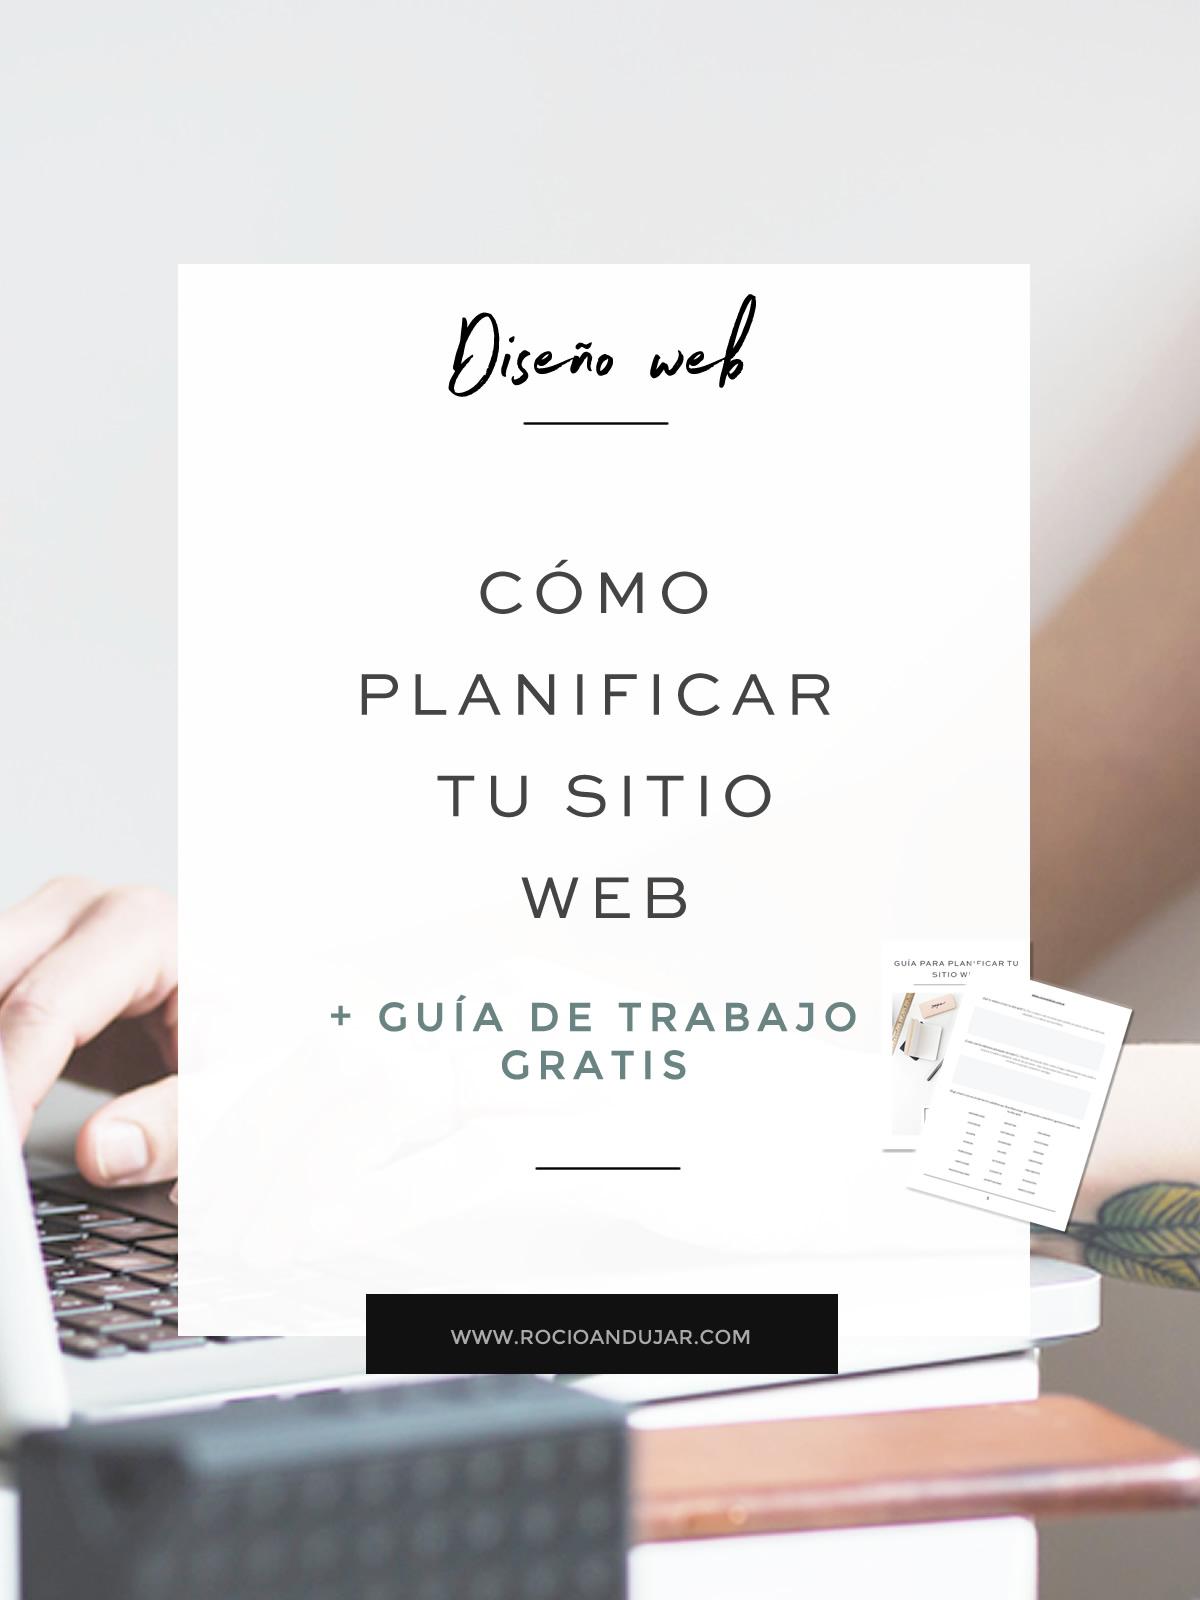 Cómo planificar tu sitio web + guía de trabajo gratis.